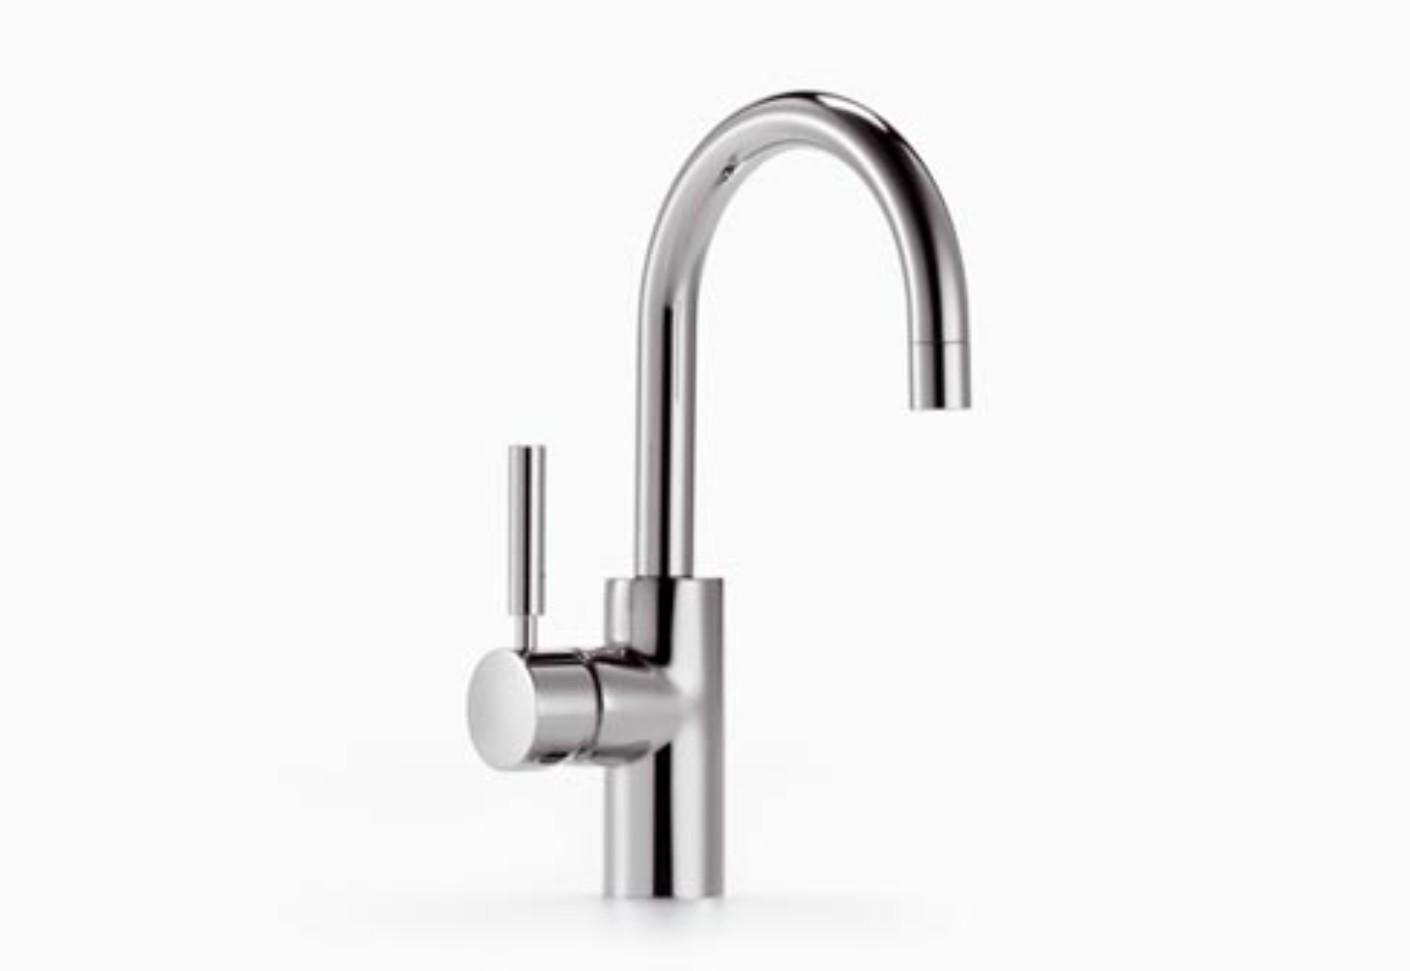 tara logic single lever basin mixer without pop up waste. Black Bedroom Furniture Sets. Home Design Ideas